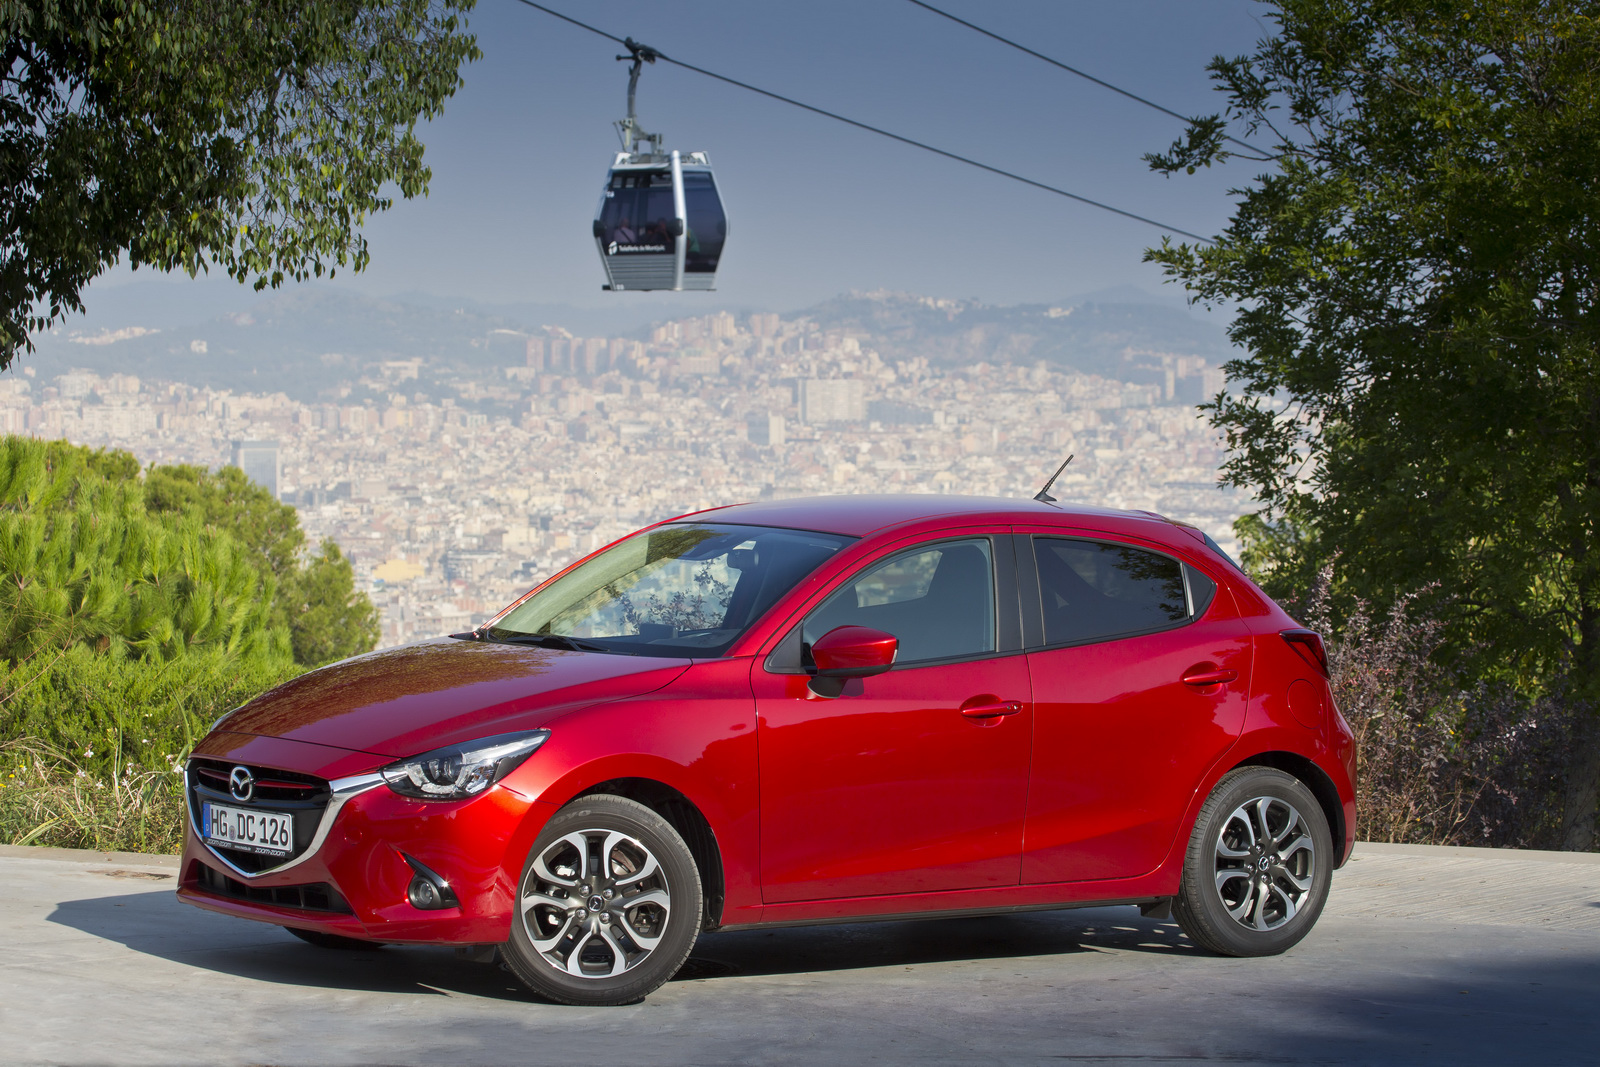 Ngoại thất của Mazda 2 thế hệ thứ 4 phiên bản Châu Âu